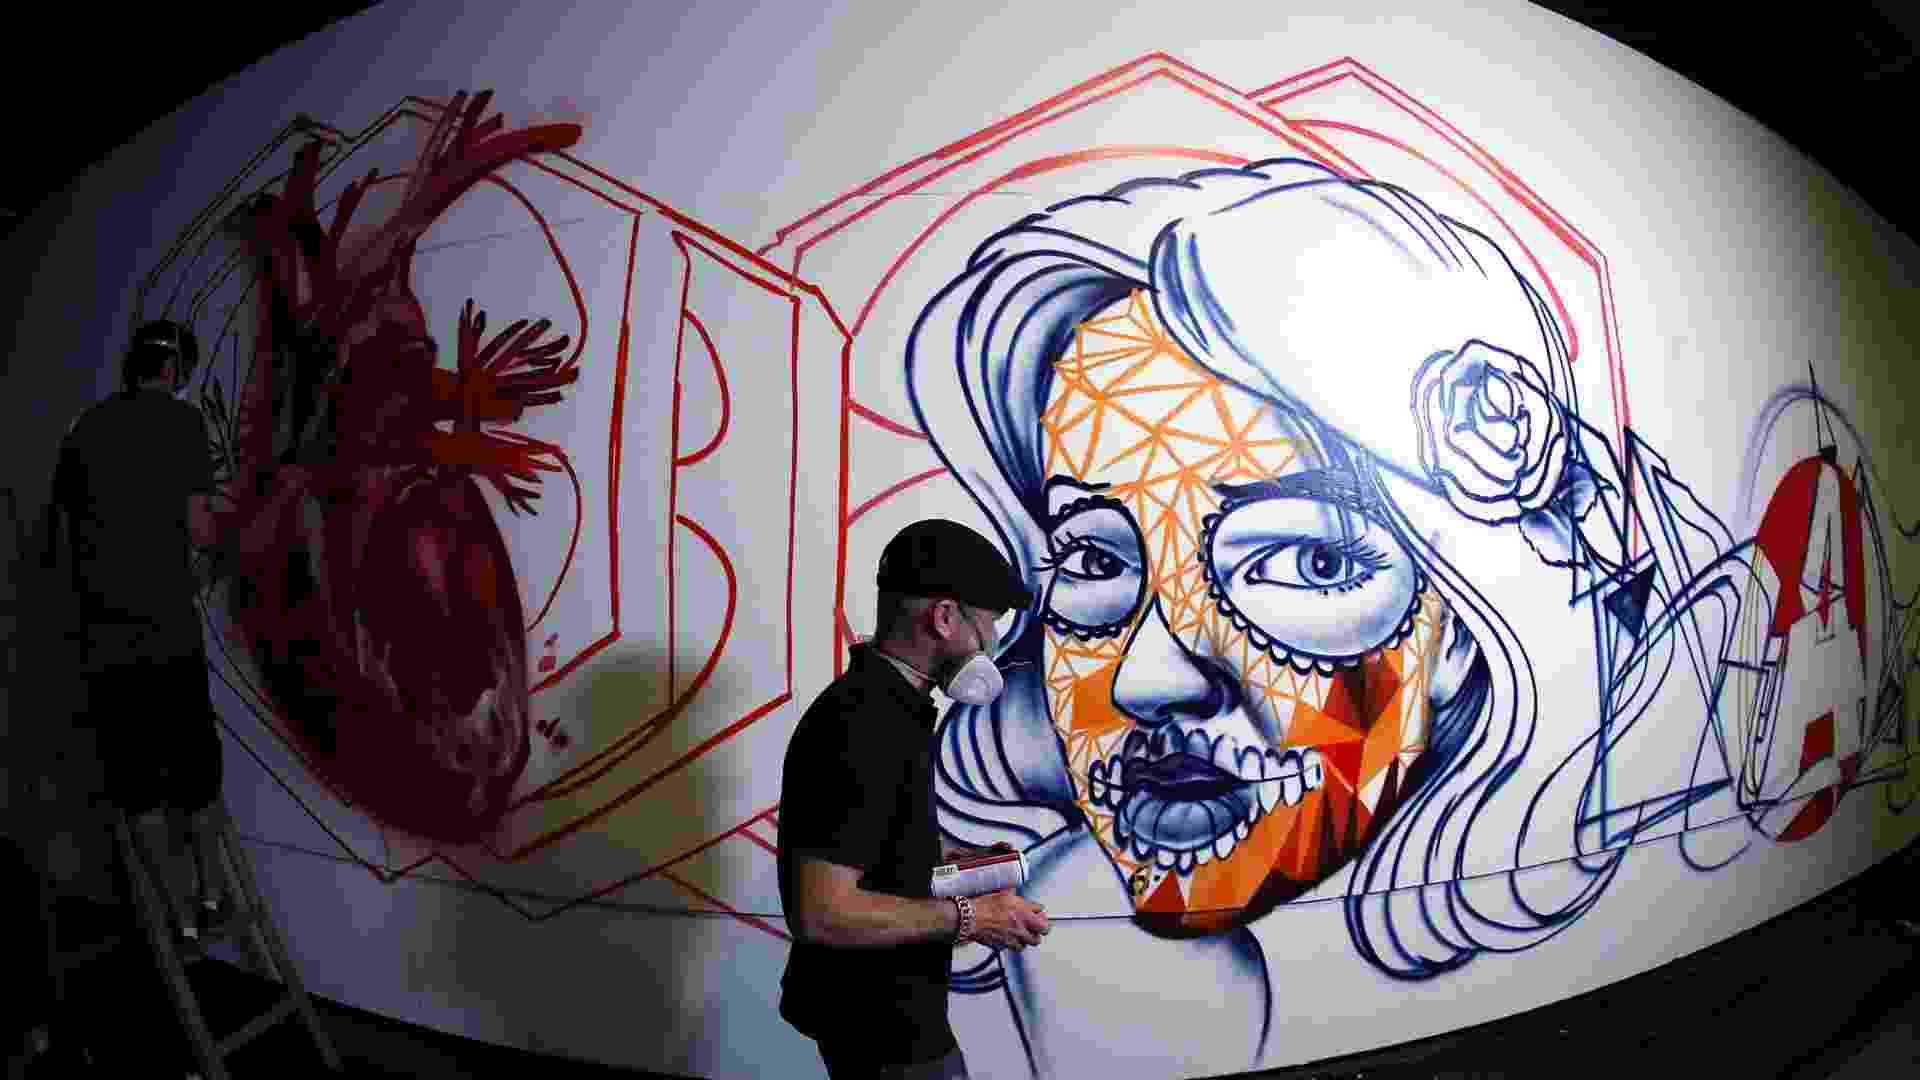 15.jan.2013 A segunda edição da Bienal Graffiti Fine Arte é realizada entre os dias 22 de janeiro e 17 de fevereiro no Mube, em São Paulo. Uma semana antes da abertura, os cinquenta e um artistas escalados montam suas obras dentro e fora do museu. A exposição tem entrada gratuita - Flávio Florido/UOL